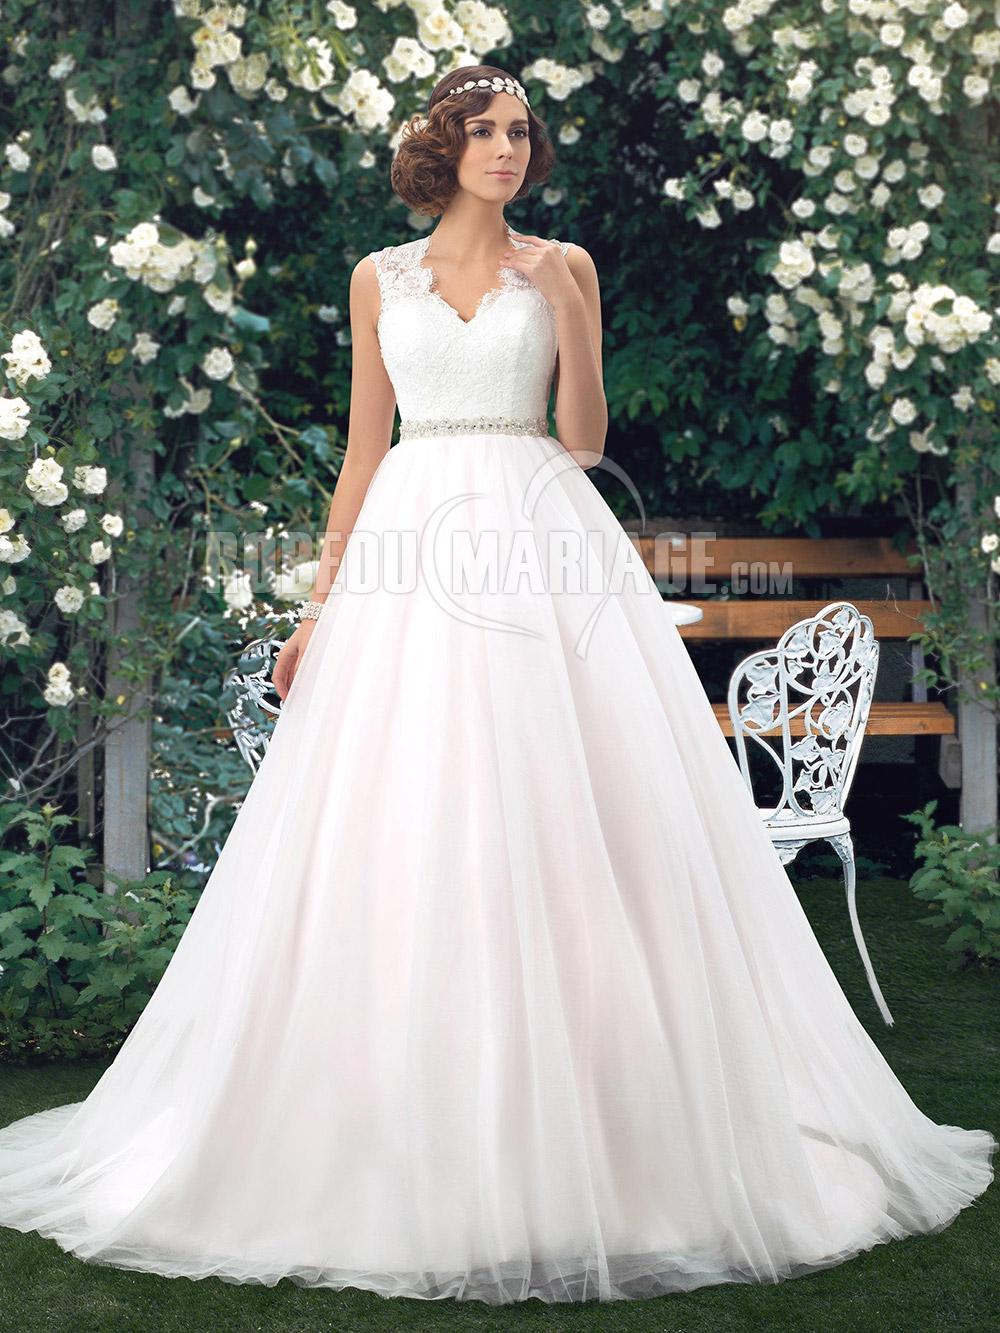 Robe De Mariee Femme Enceinte Belle Et Confortable Blog Of